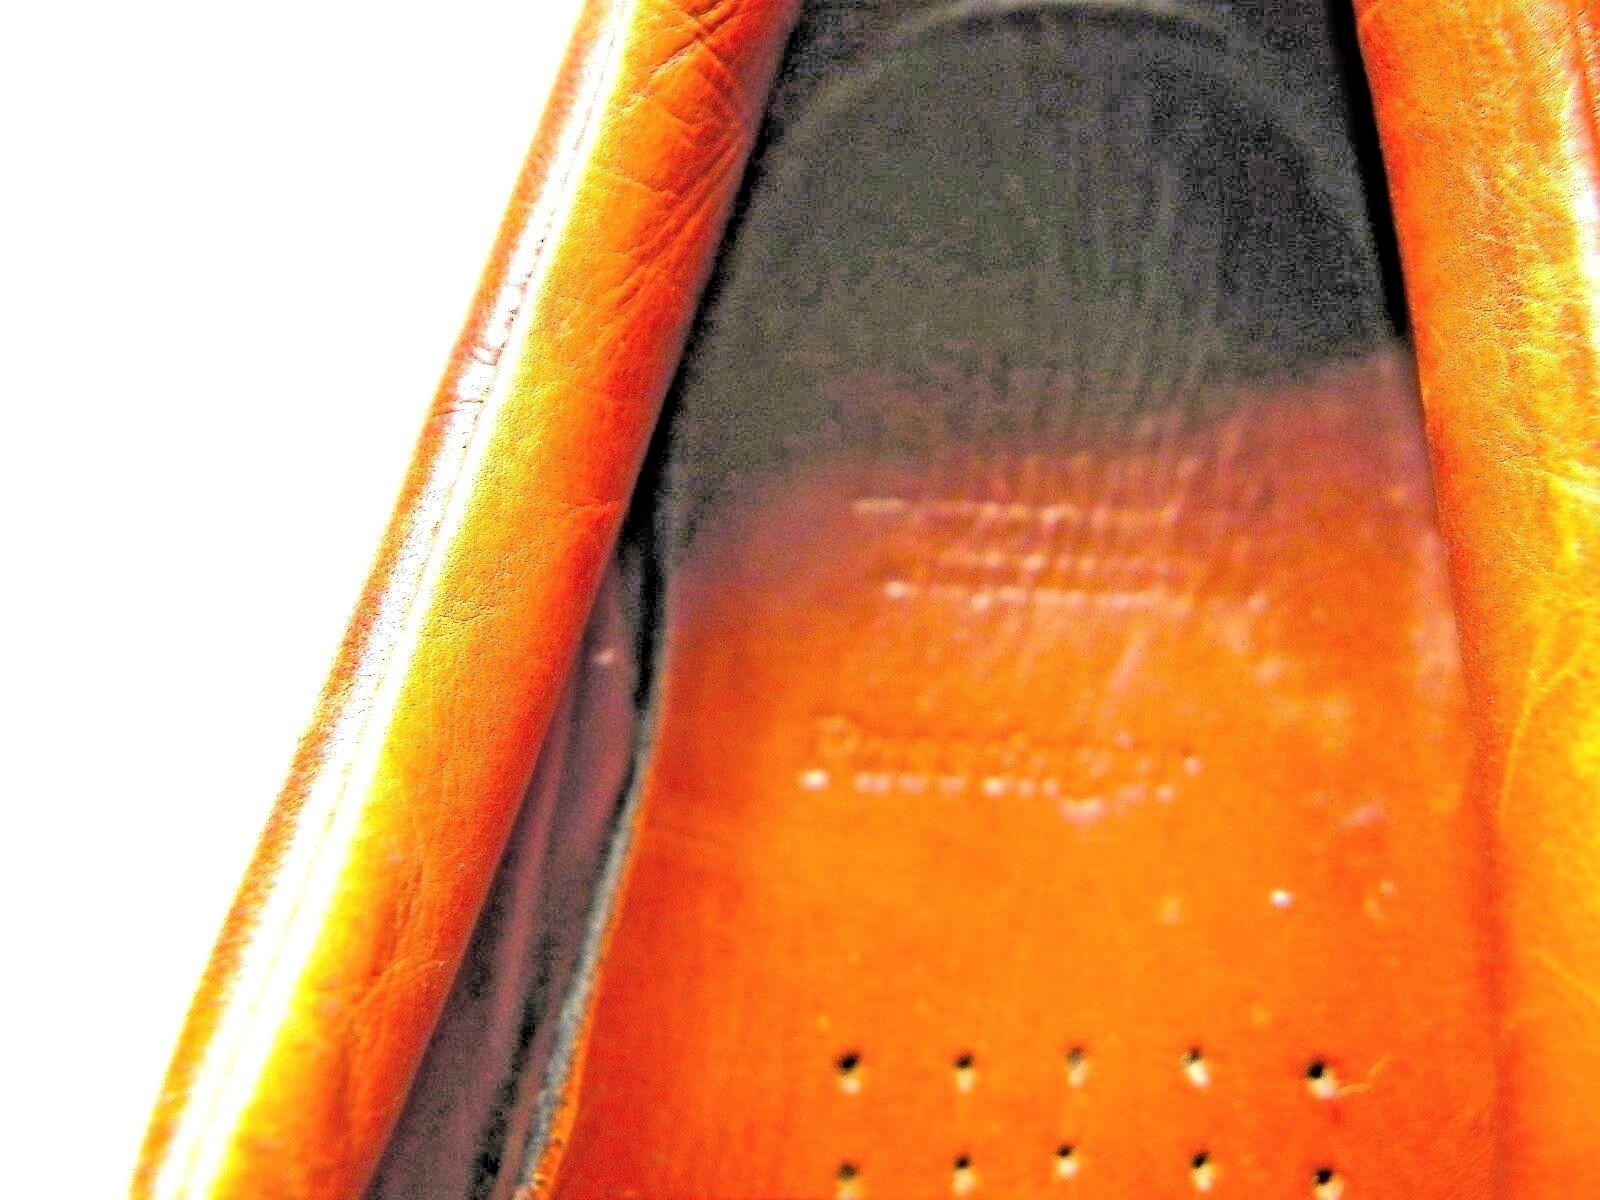 Allen Edmonds Passenger Passenger Passenger Brown Oxford Dress Shoes 9 D 3623 Made USA a02271